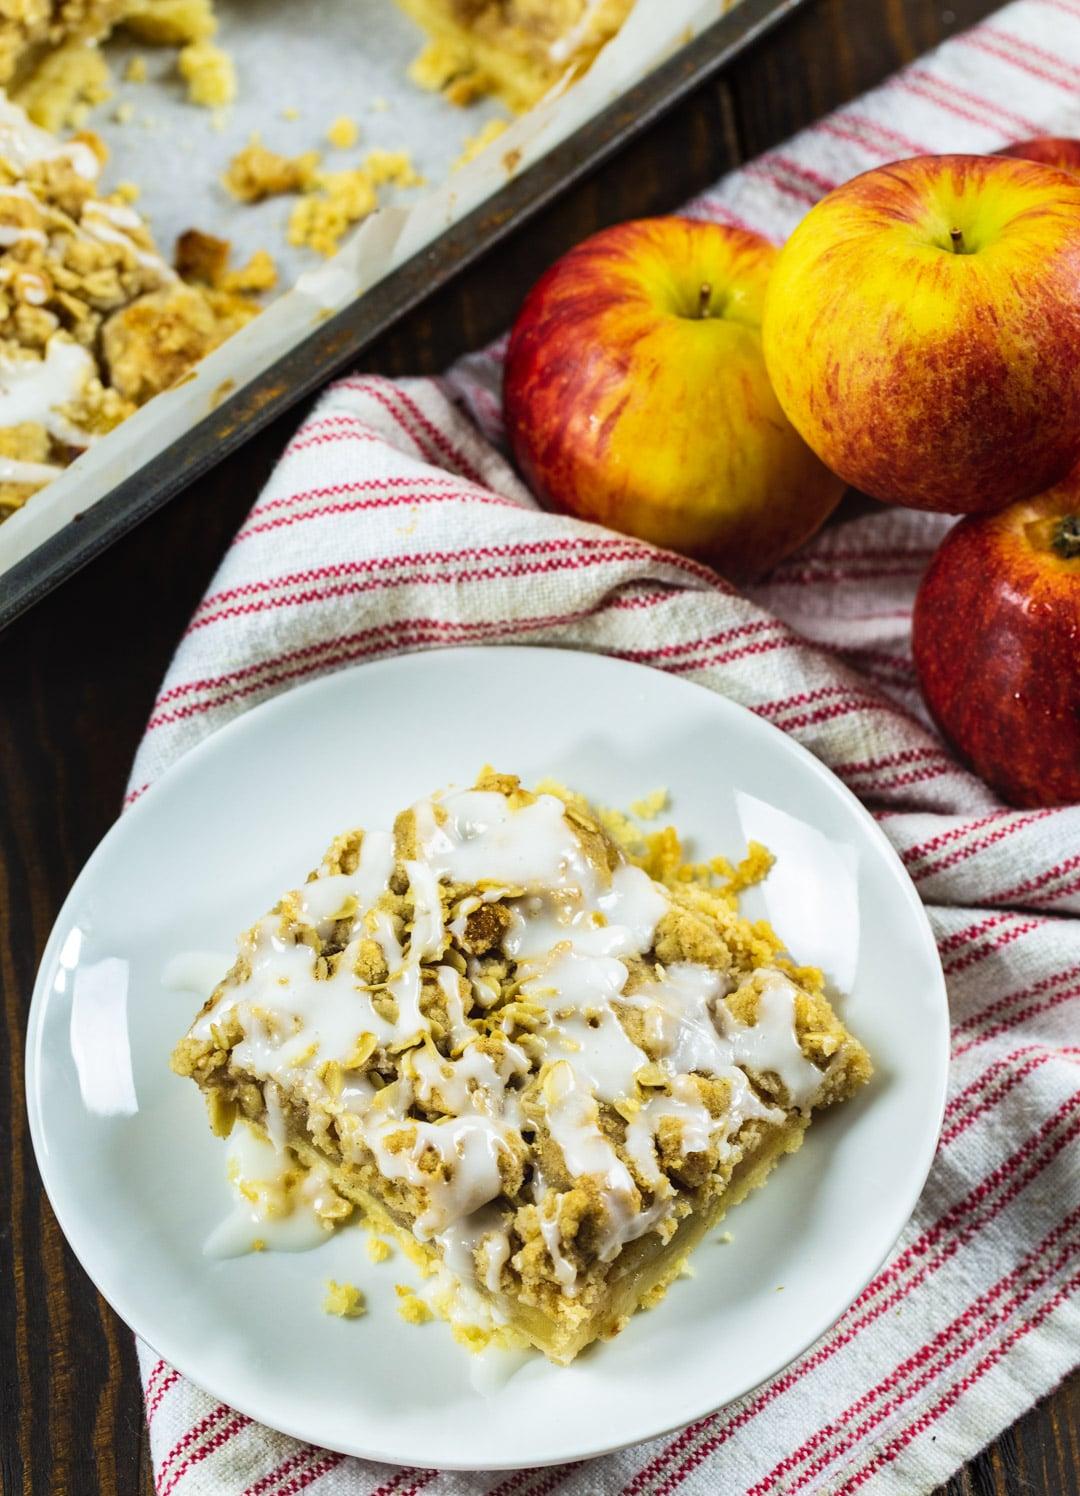 Oatmeal Crumb Apple Bar and fresh apples.